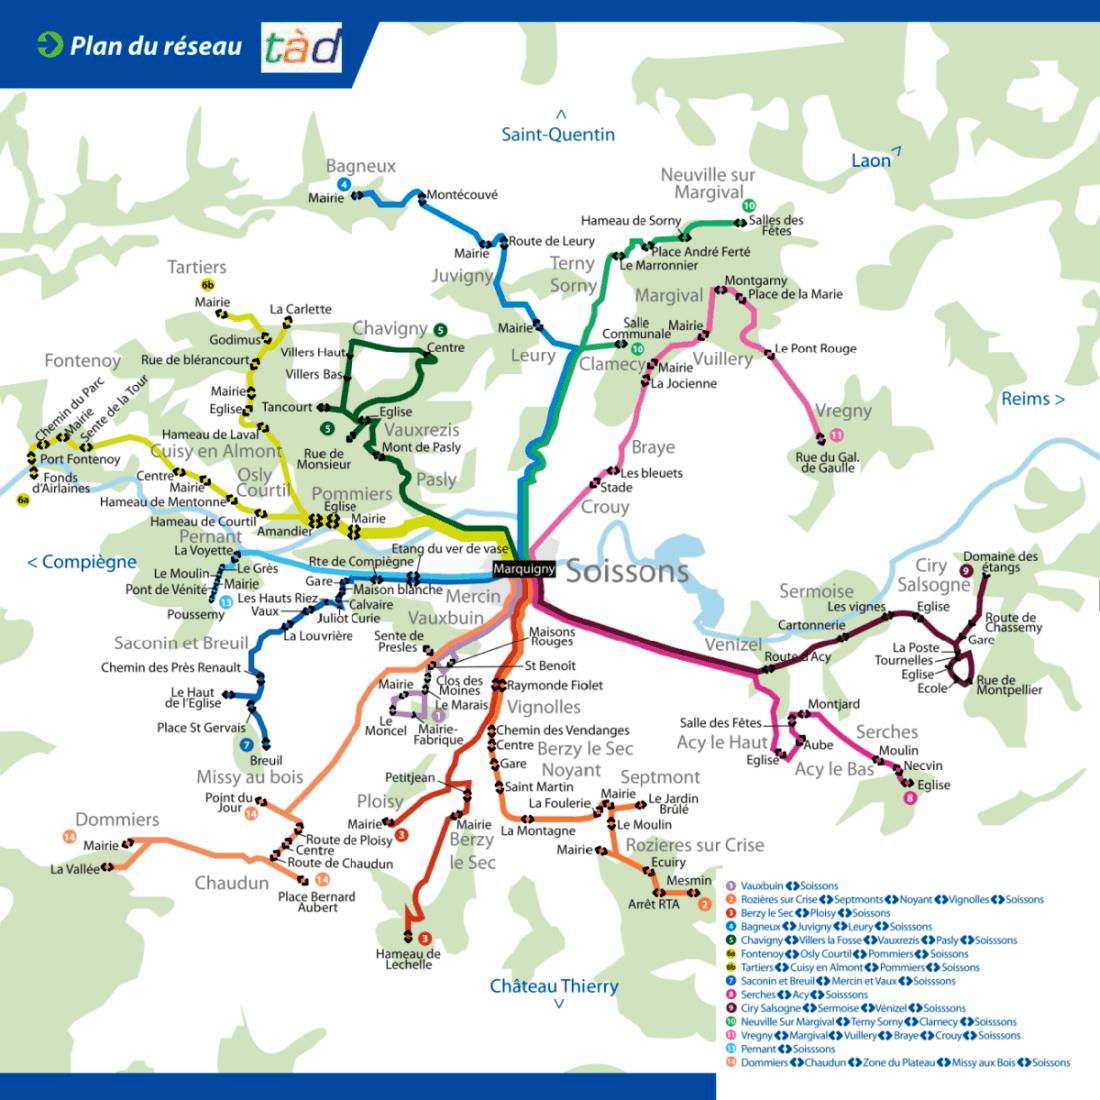 Plan du réseau TAD 2015-2016